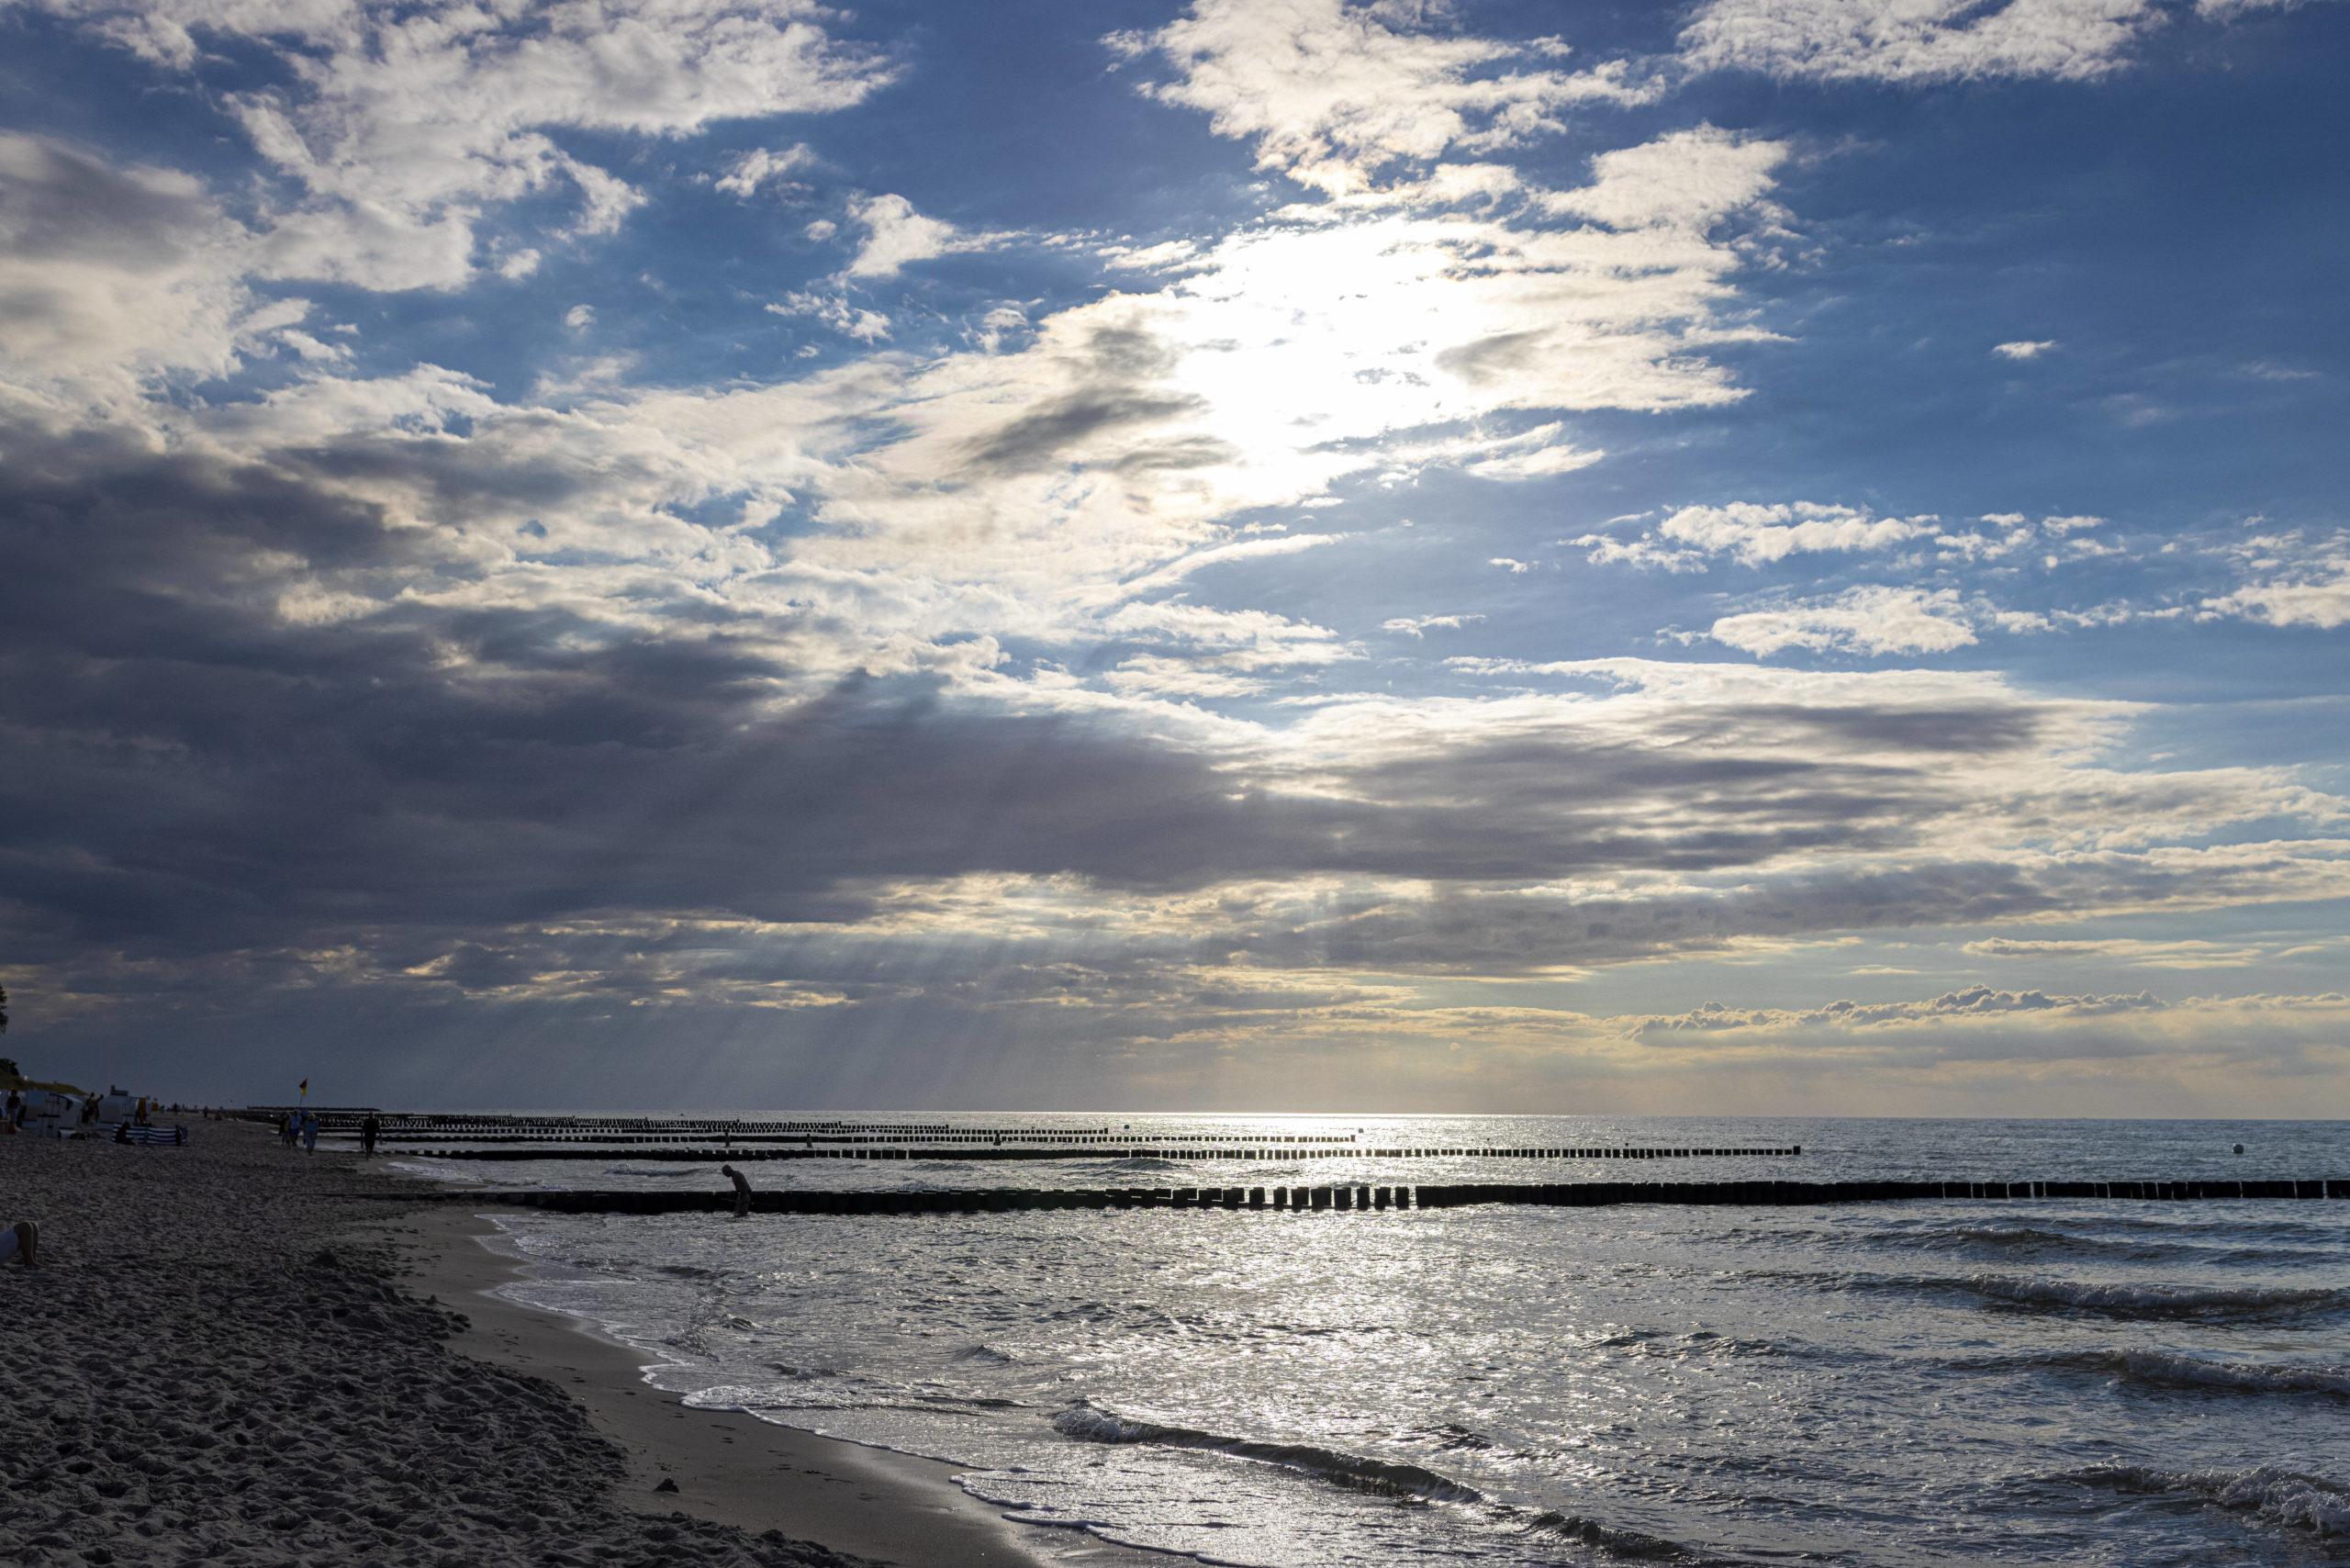 Schönste Strände Ostsee Eine Sinfonie aus Sonne, Sand und Himmelblau: Der Strand Ahrenshoop.